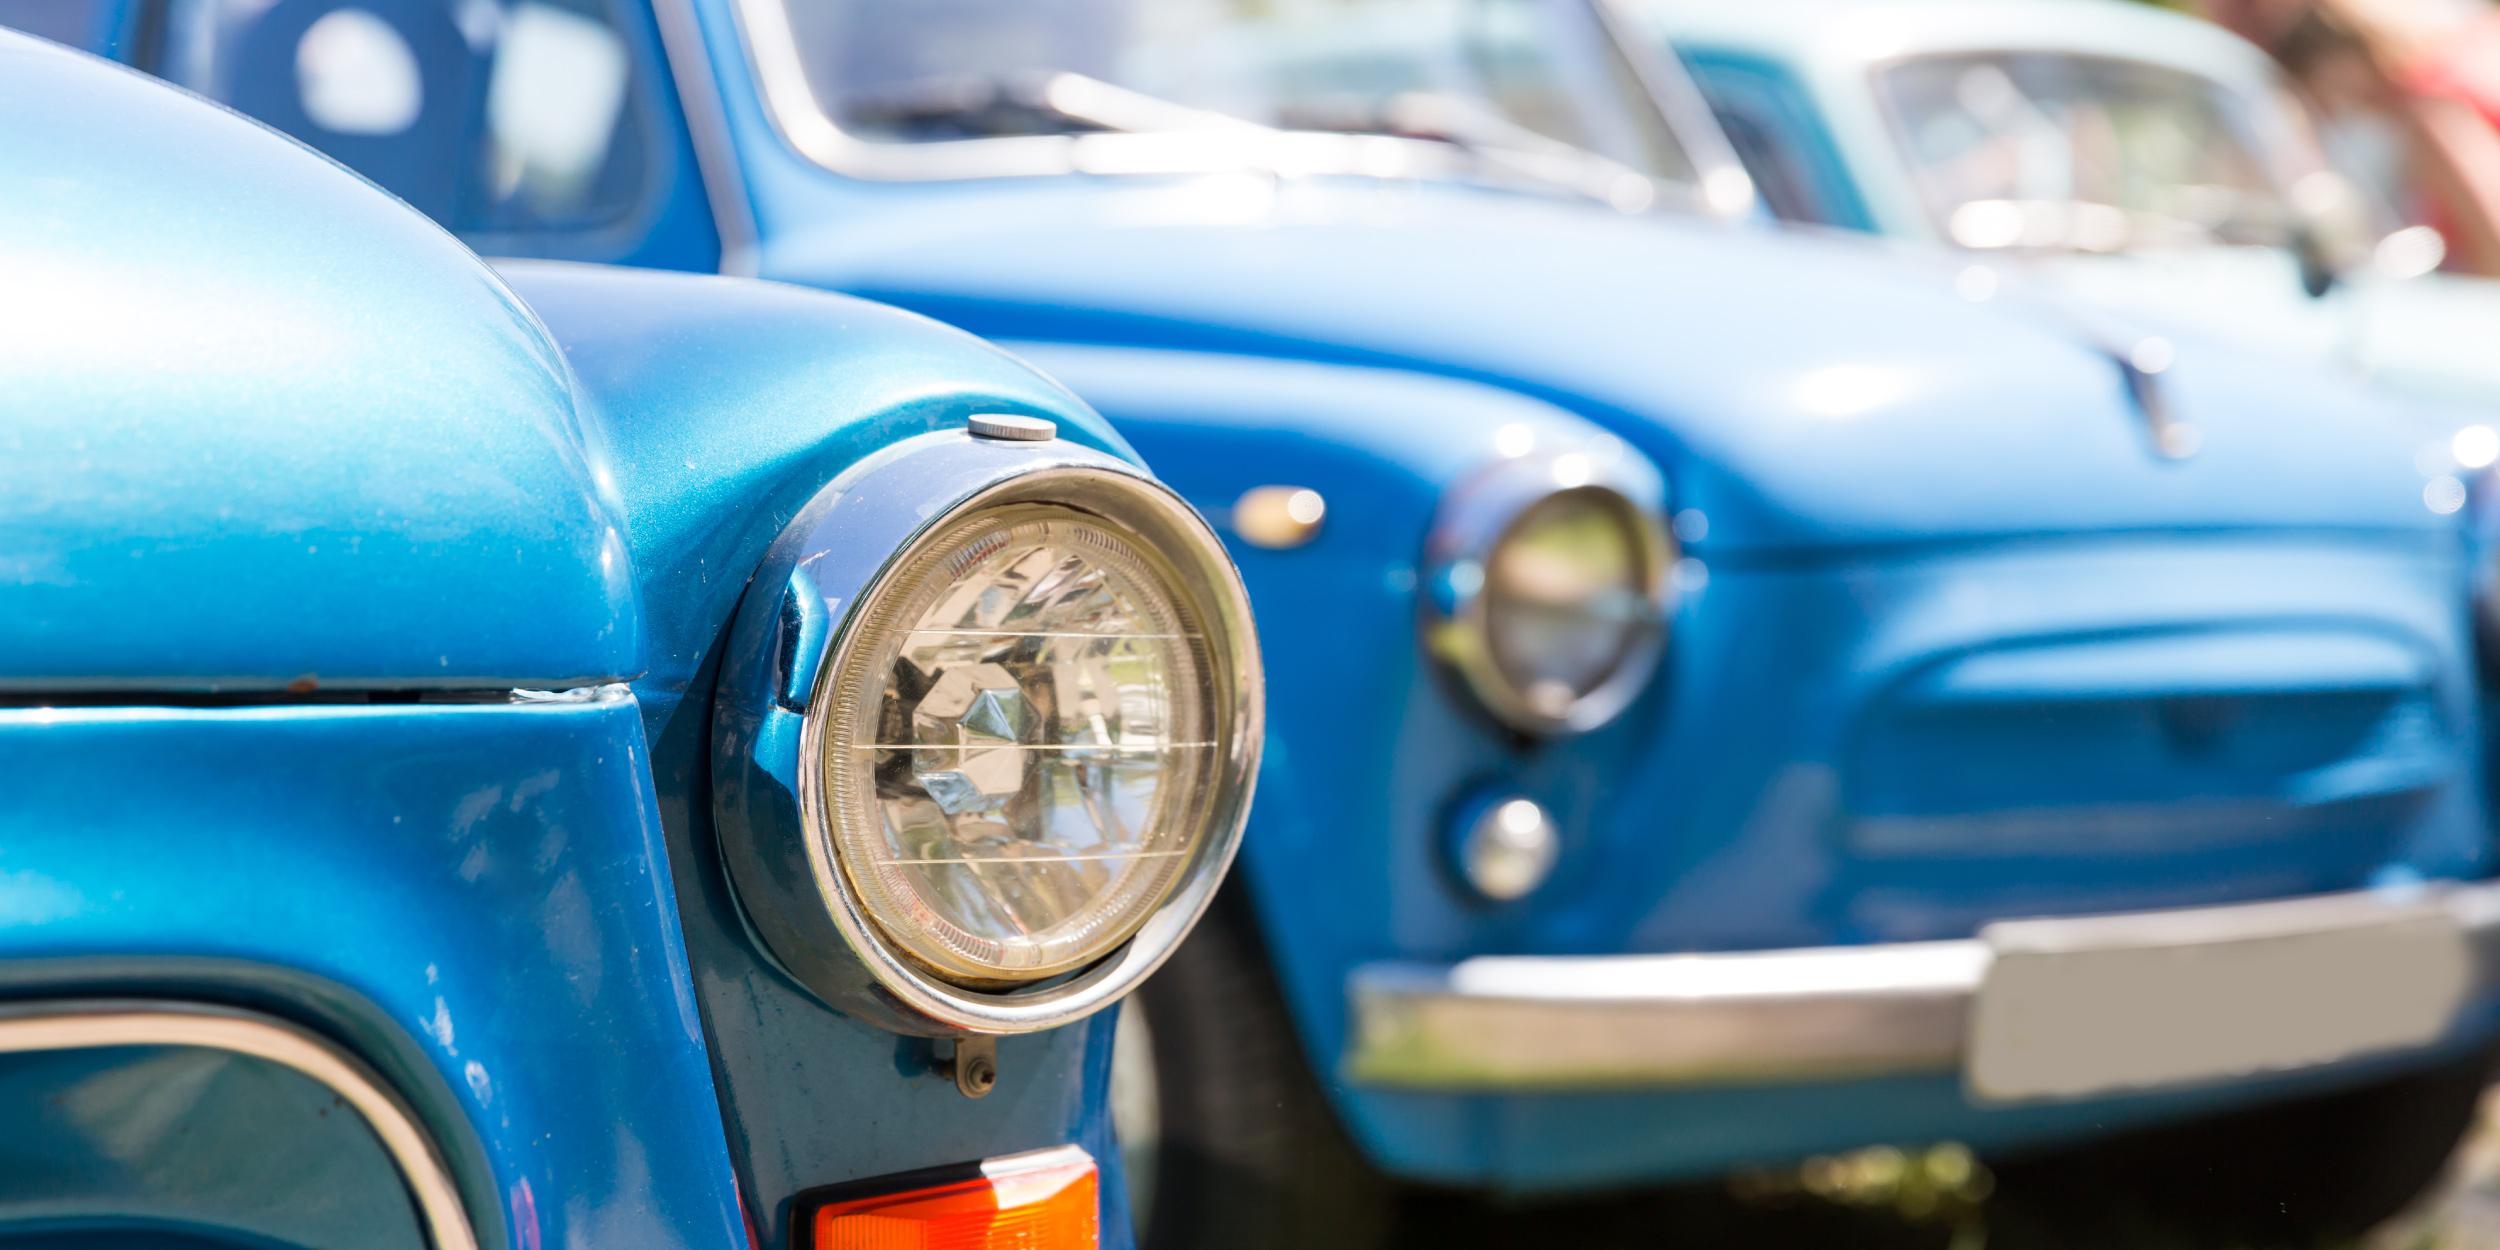 Robasta.ru поможет выгодно купить подержанный автомобиль